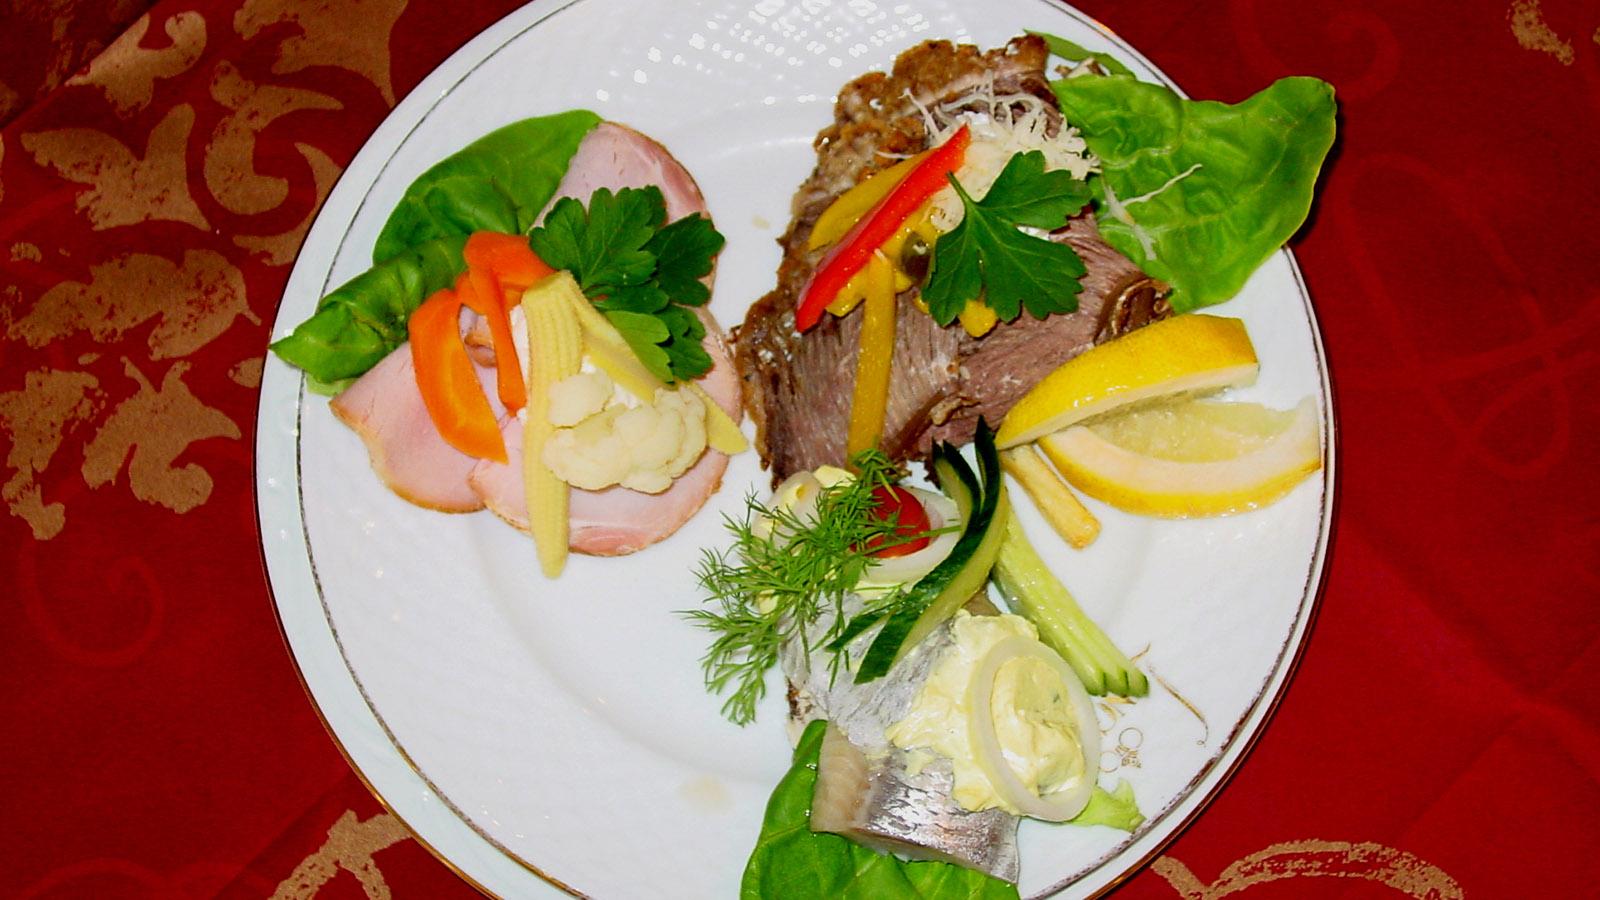 Laasby Kro. Frokost-Teller mit Hering, Schinken und Roast Beef auf Schwarzbrot. Foto: Hilke Maunder